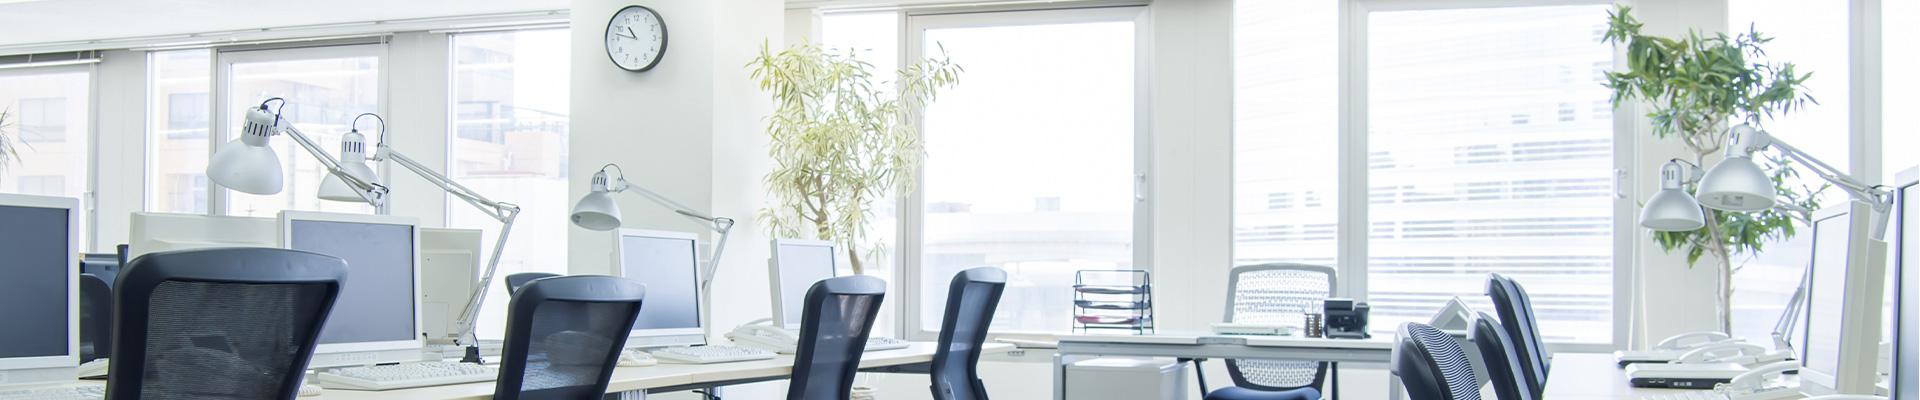 エアコン総本店のオフィスへの業務用エアコン施工実績のイメージ画像